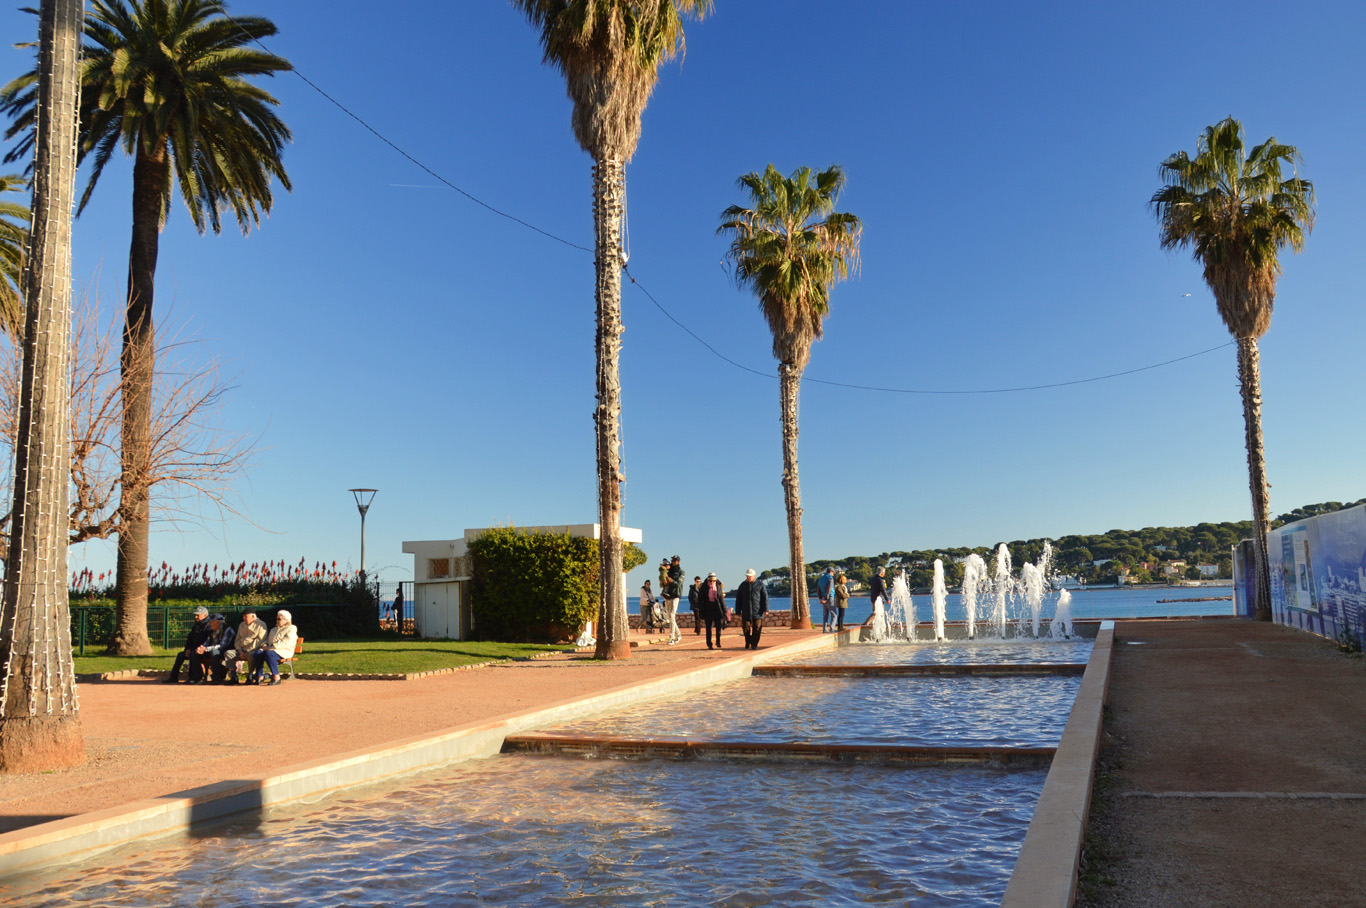 Along the promenade